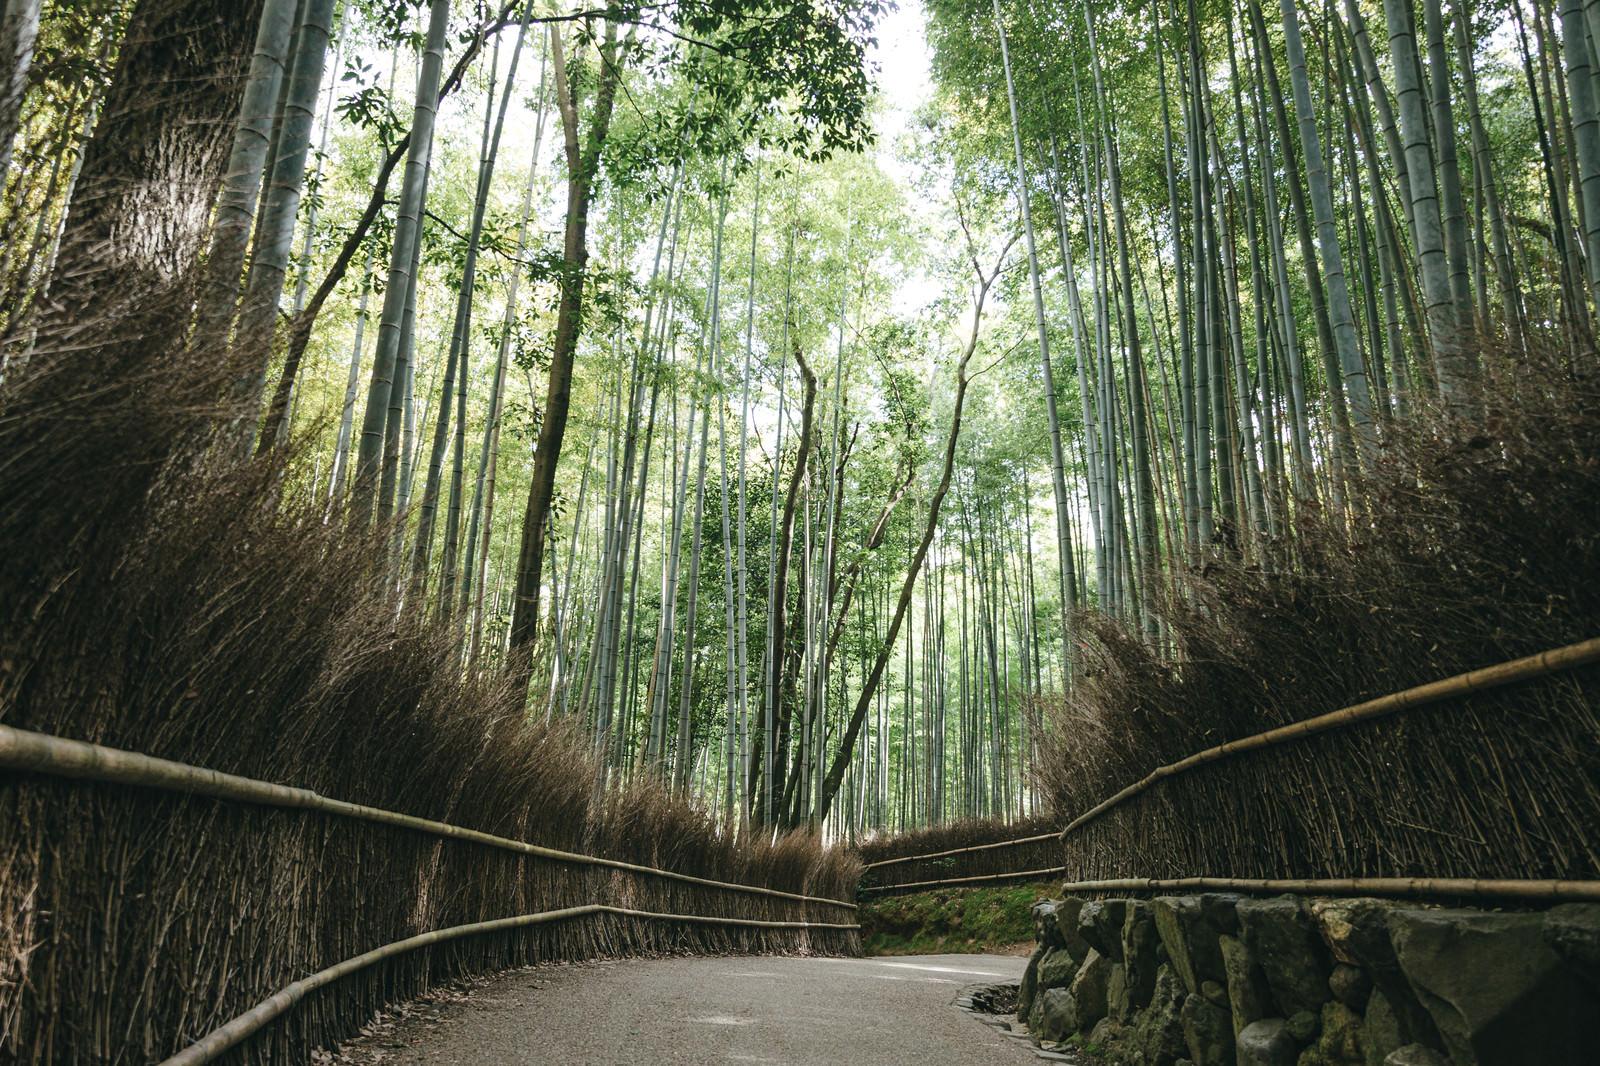 「京都嵐山にある竹林の小径」の写真